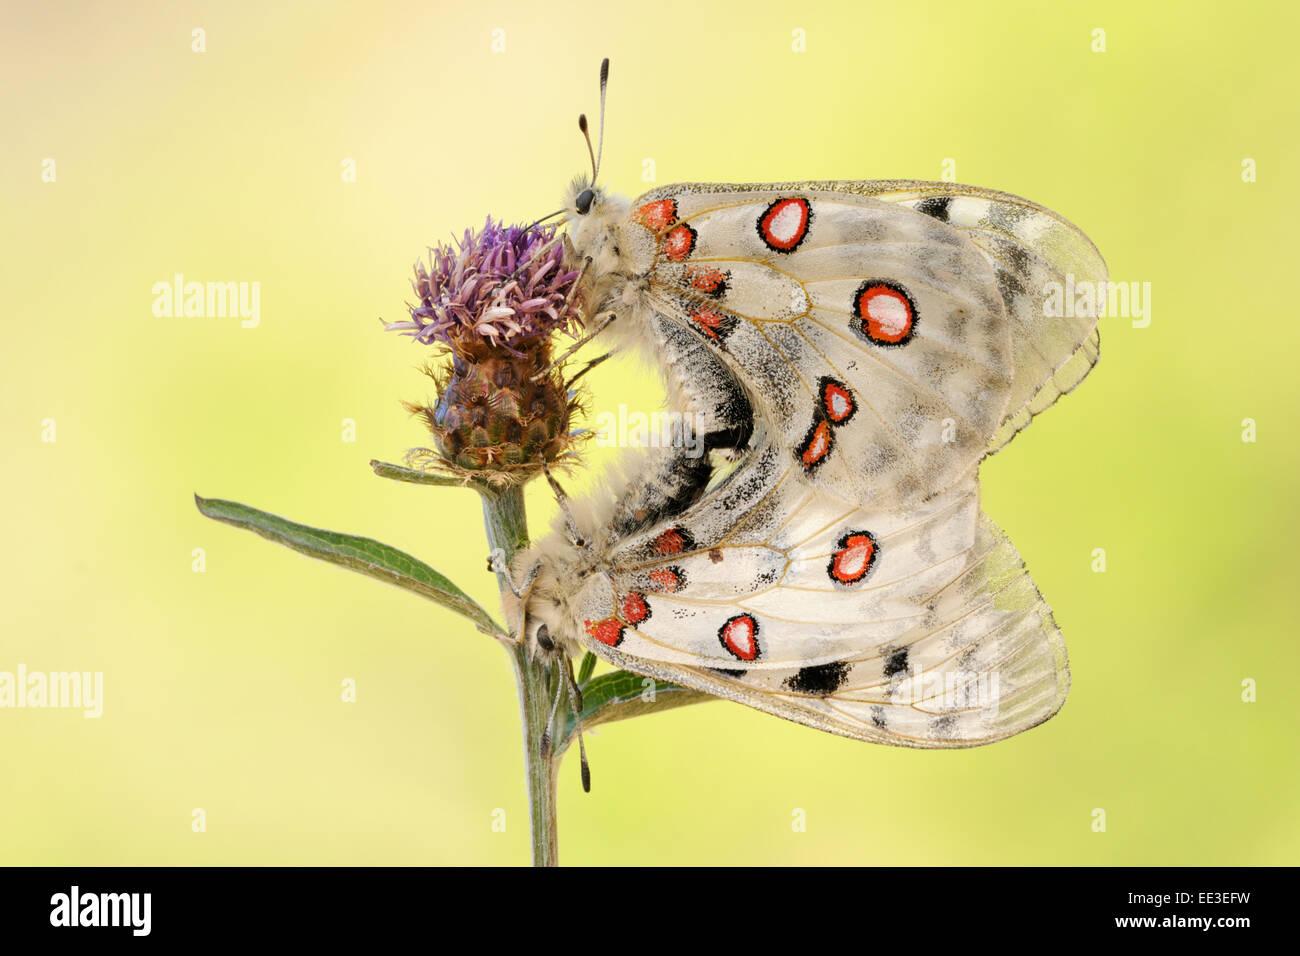 mountain Apollo [Parnassius apollo] apollofalter germany - Stock Image